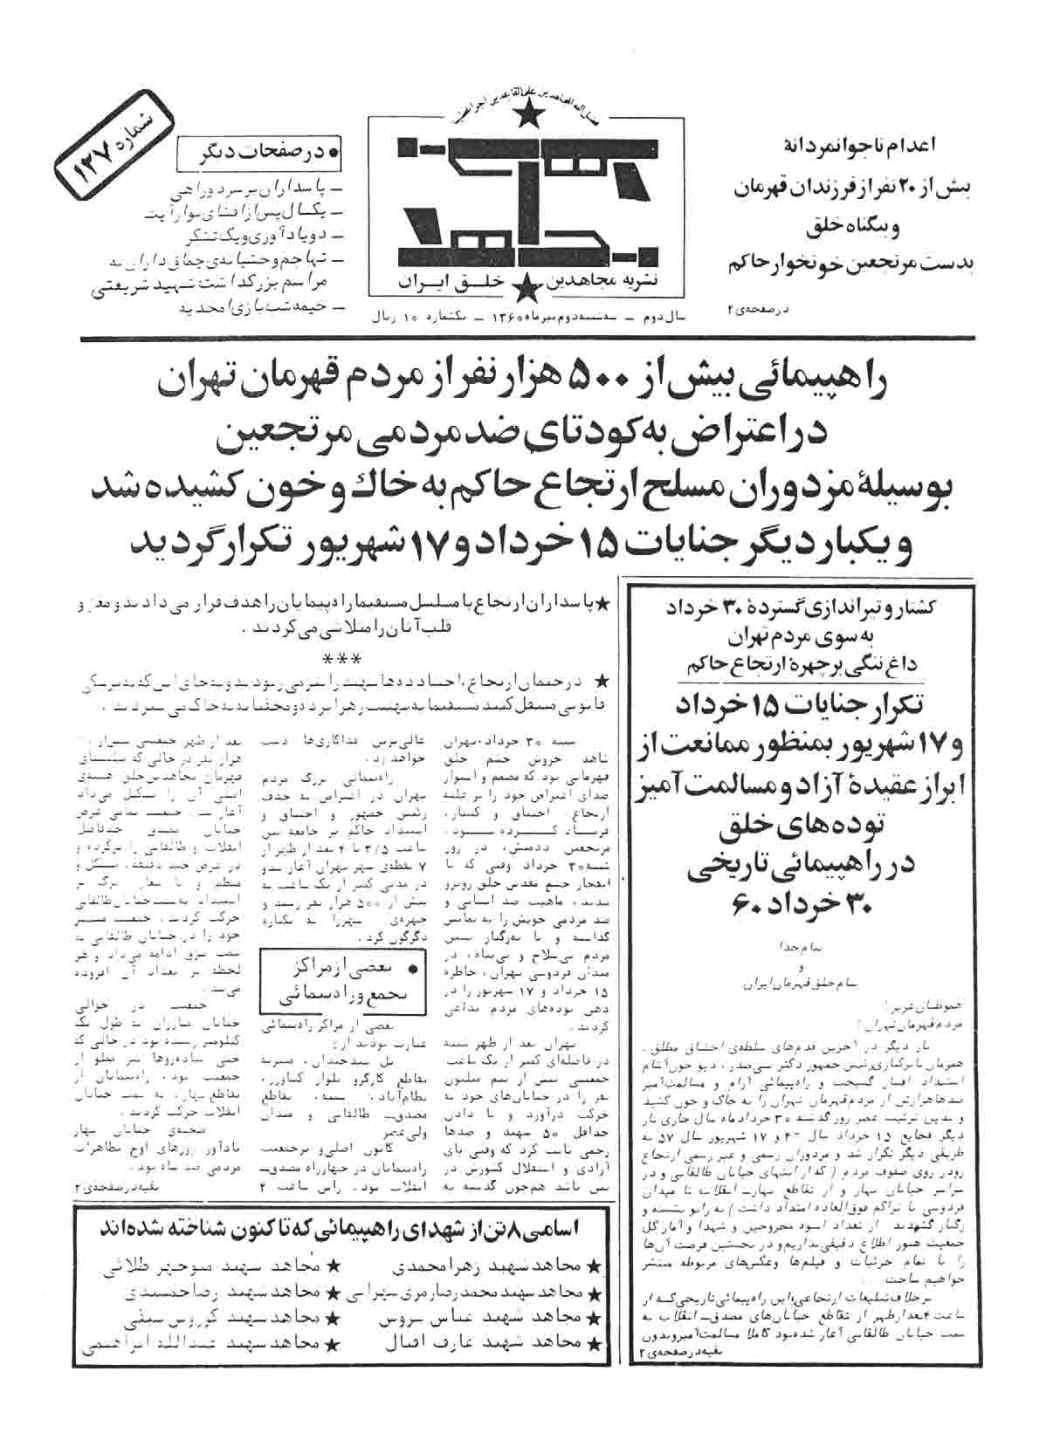 مجاهد127-600402_Page_1